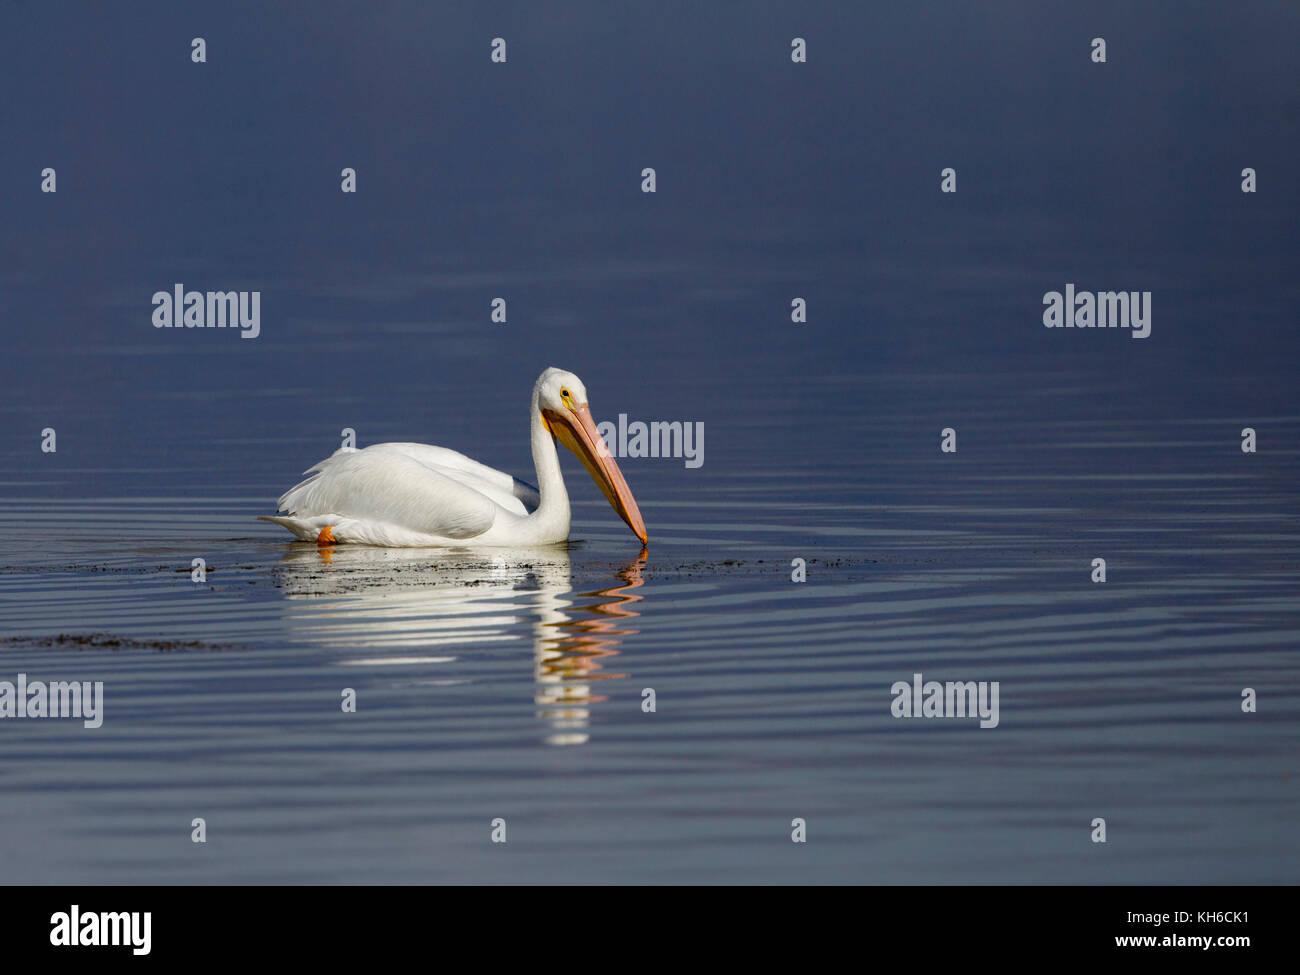 Pelícano blanco sobre el azul del agua Foto de stock